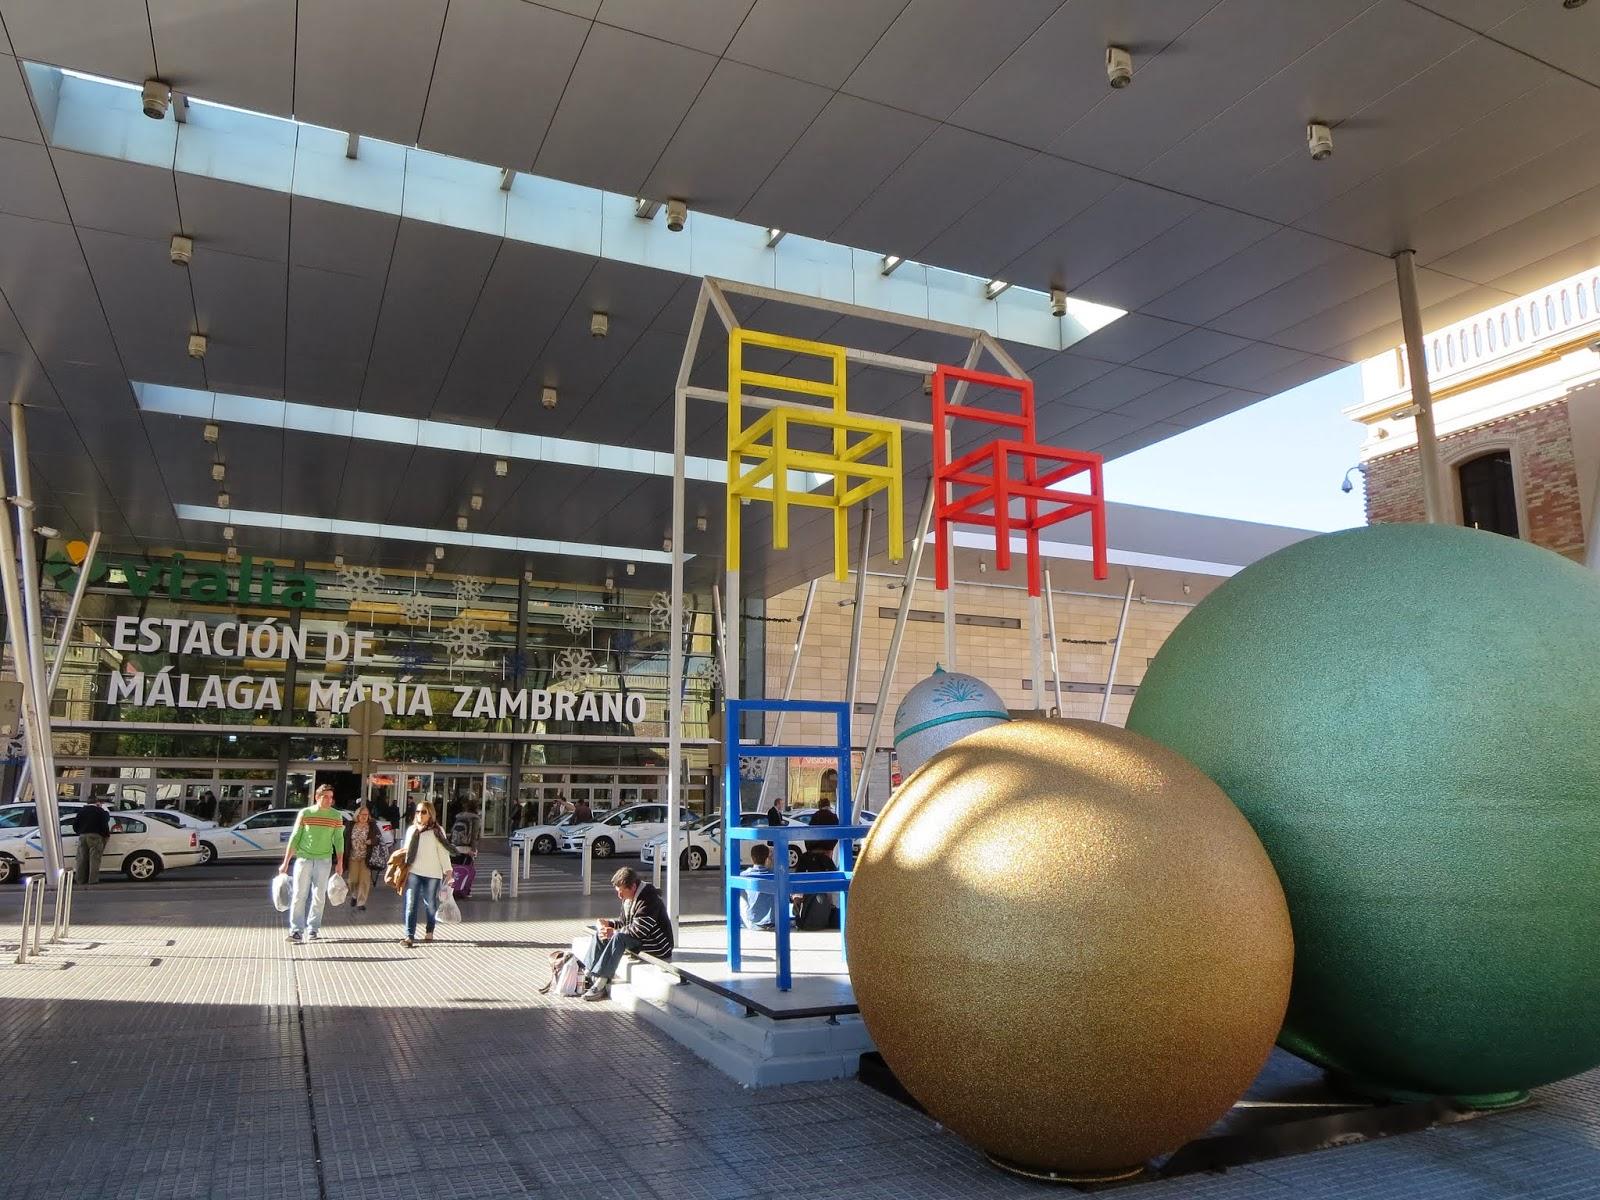 Estacion Maria Zambrano in Málaga, Spain